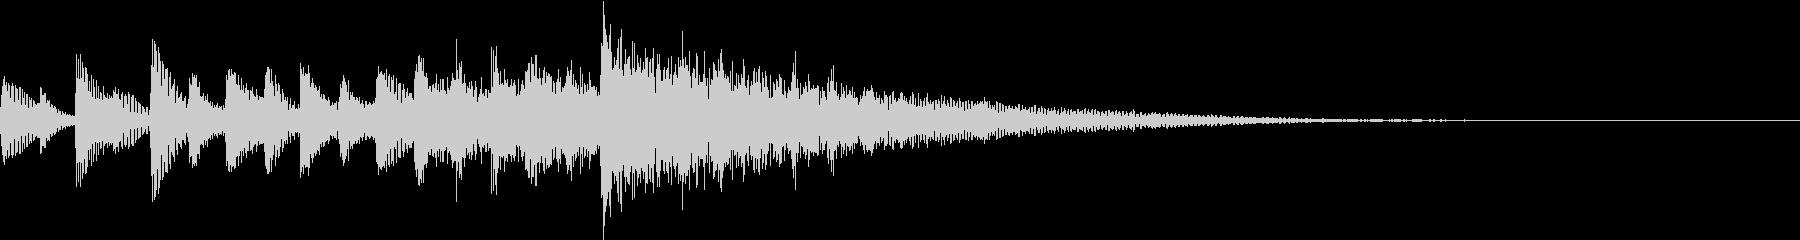 エレクトロニカ系サウンドロゴ/ジングルの未再生の波形